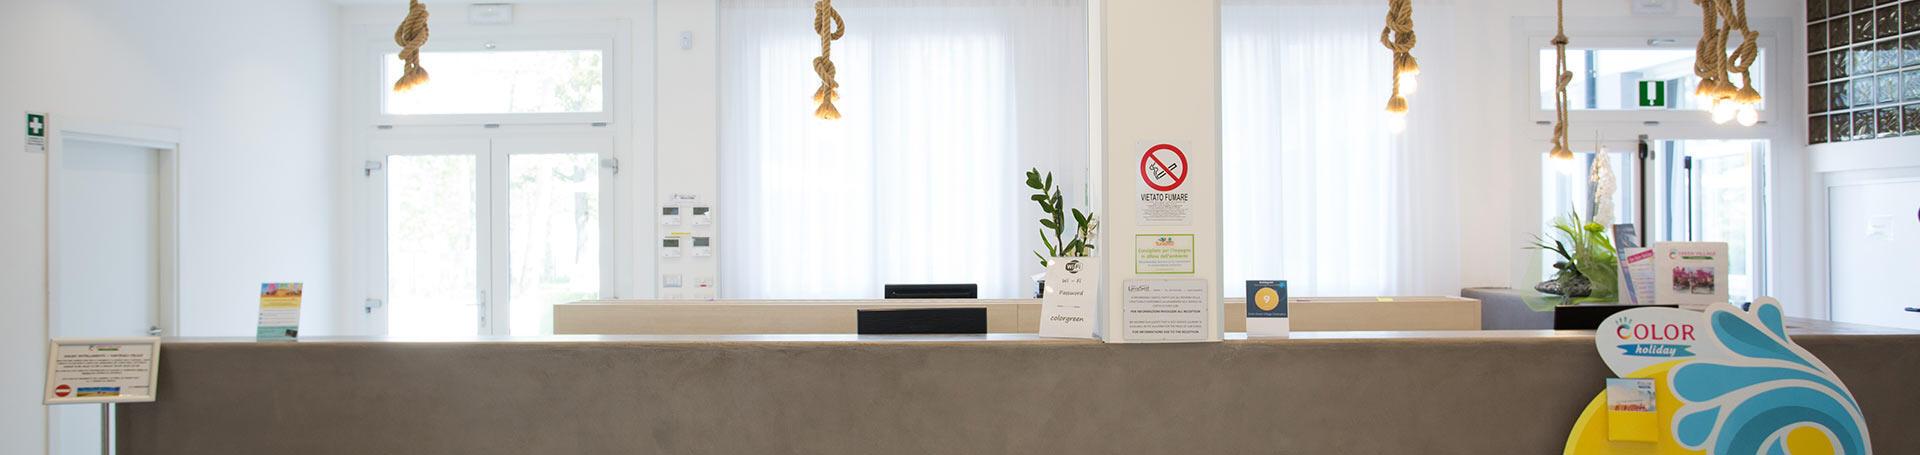 greenvillagecesenatico it recensioni-e-commenti 011